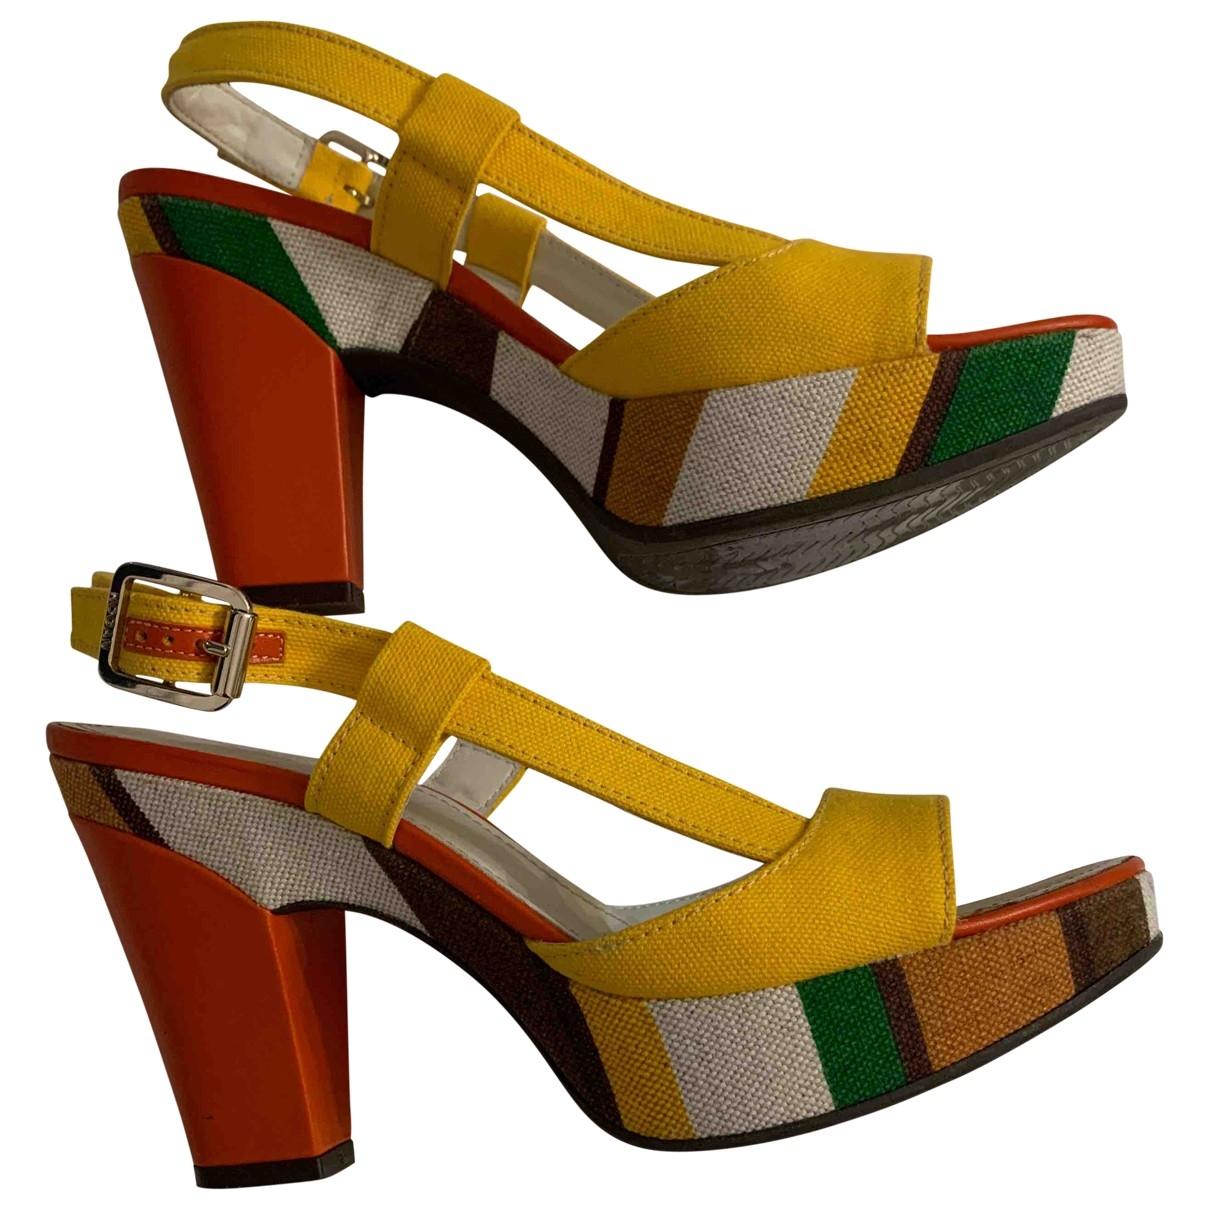 Sandalias de Lona Hogan